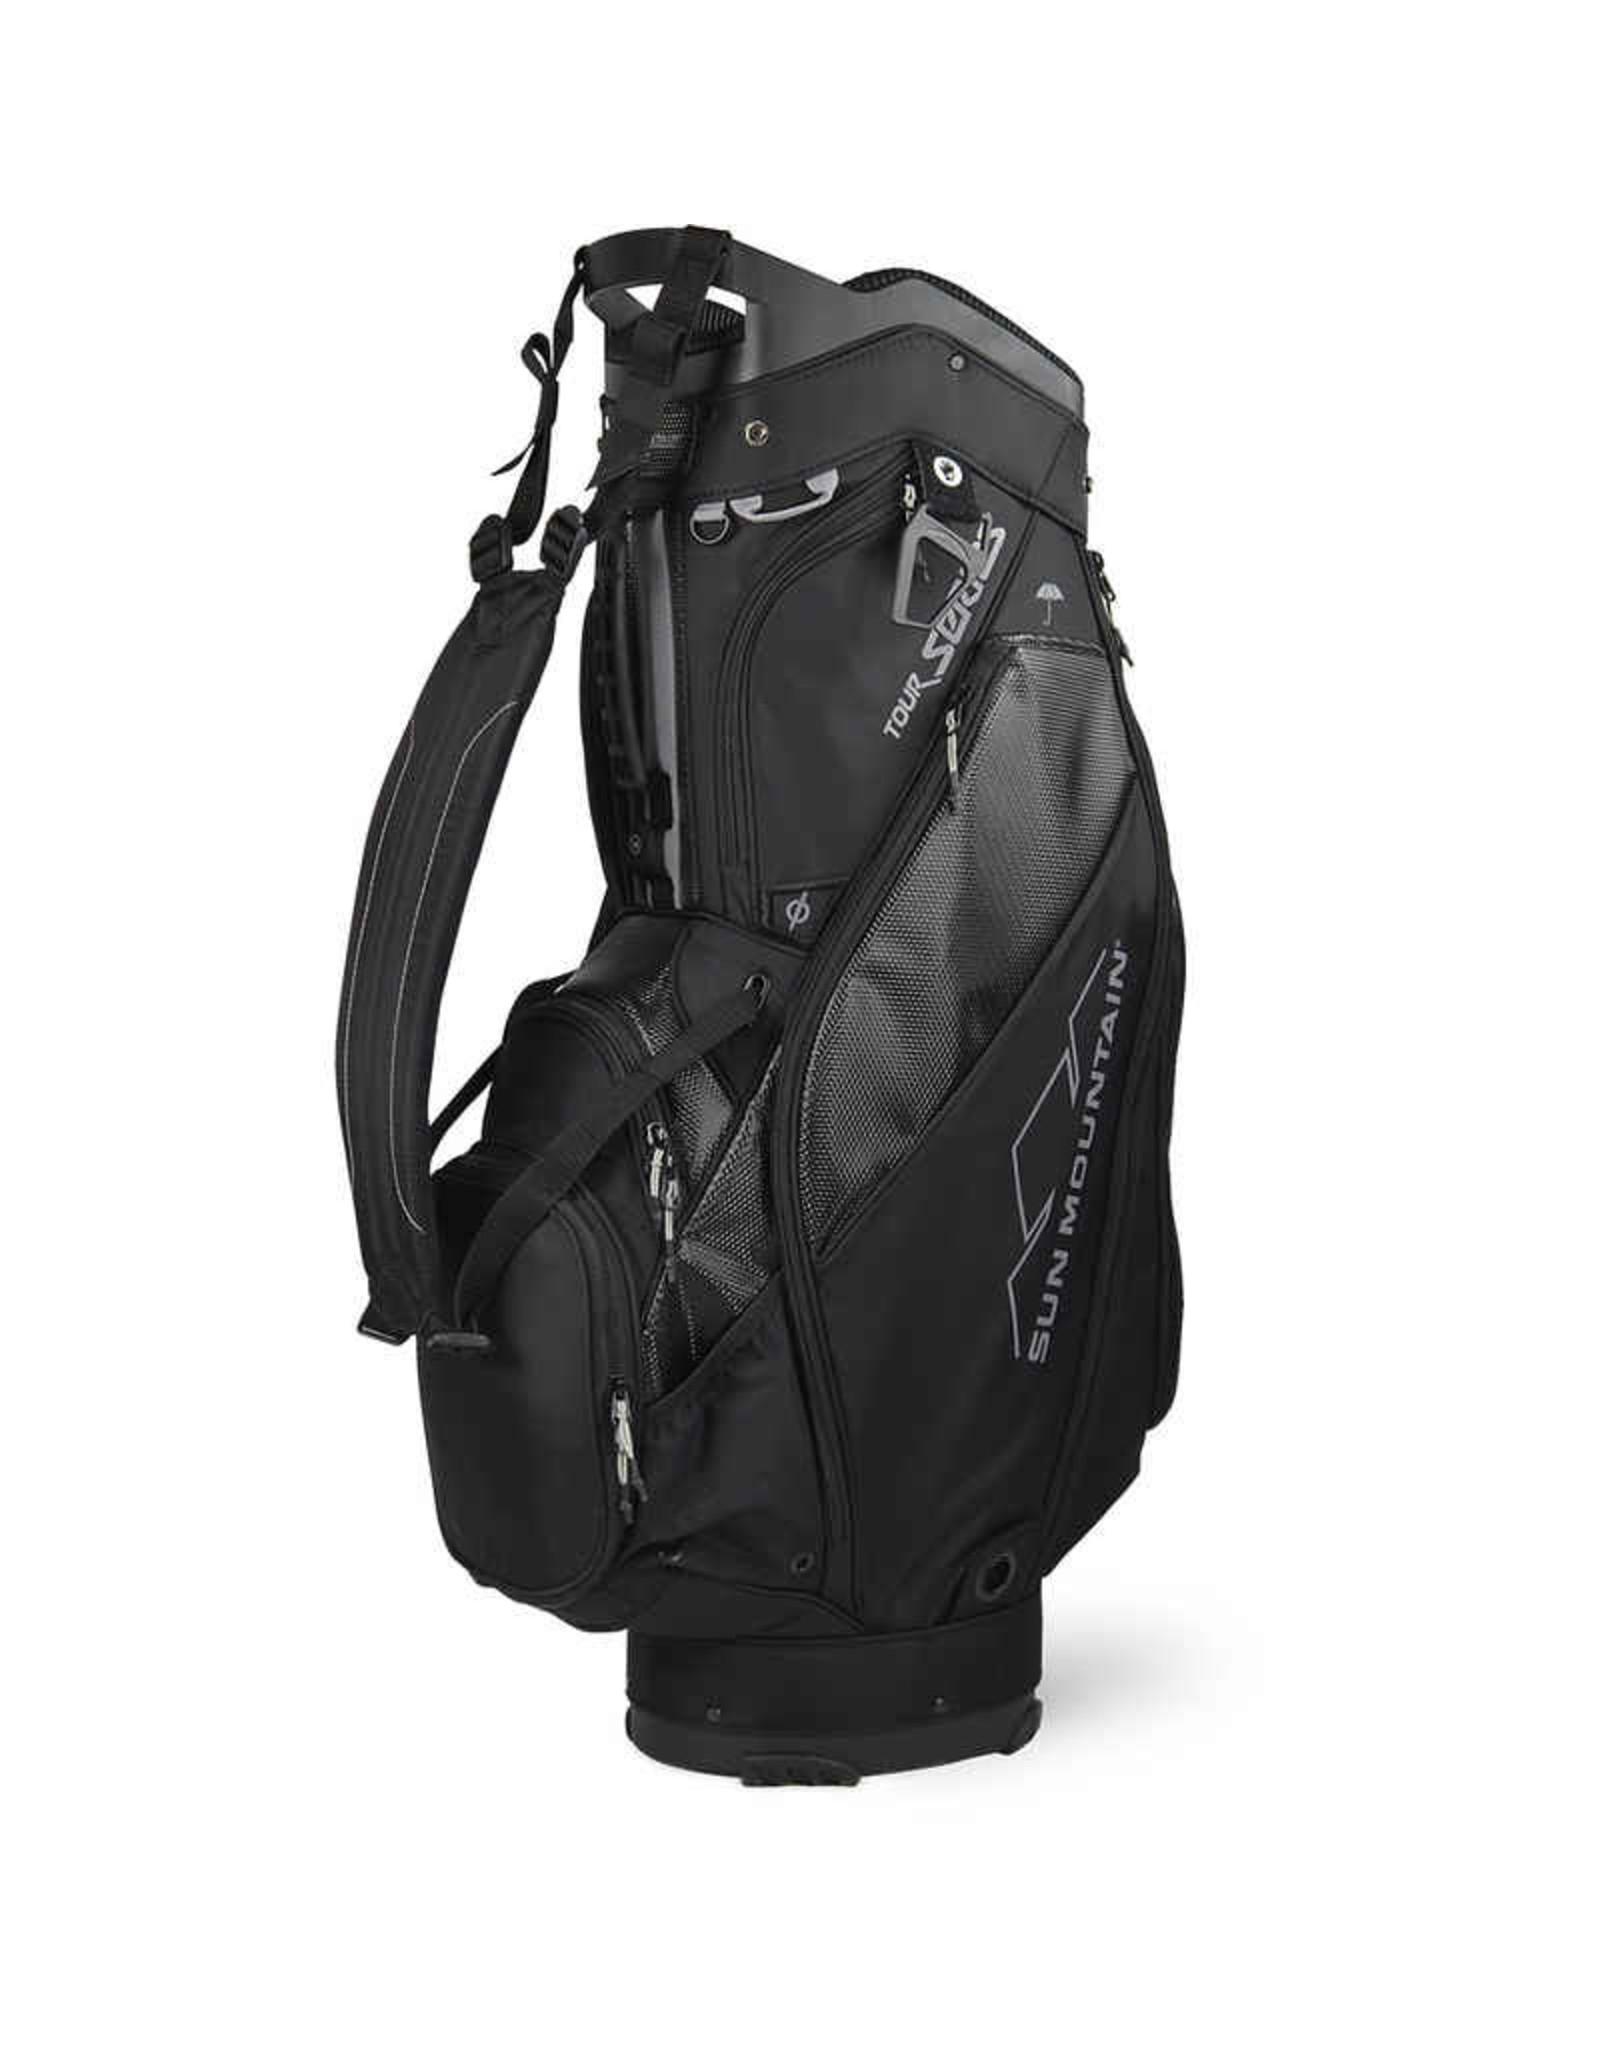 Sun Mountain Sun Mountain Tour Series Cart Bags